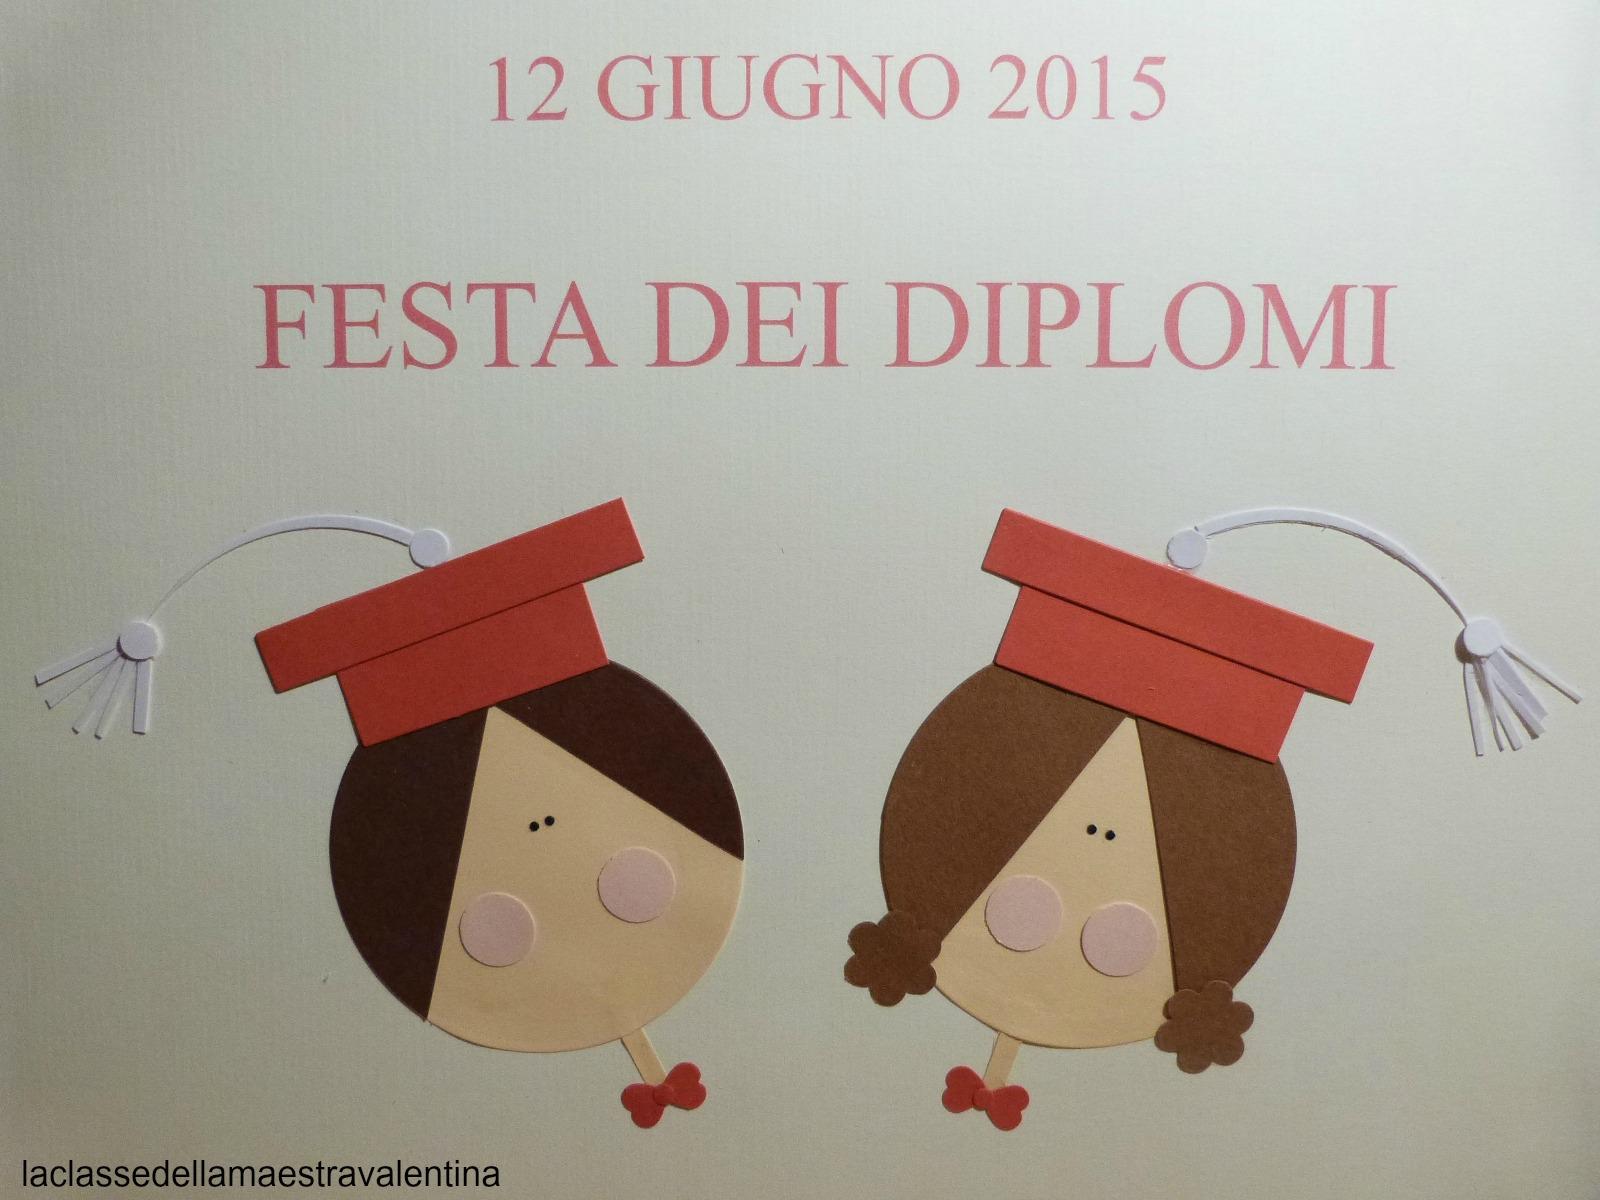 La classe della maestra valentina festa dei diplomi for Maestra valentina estate